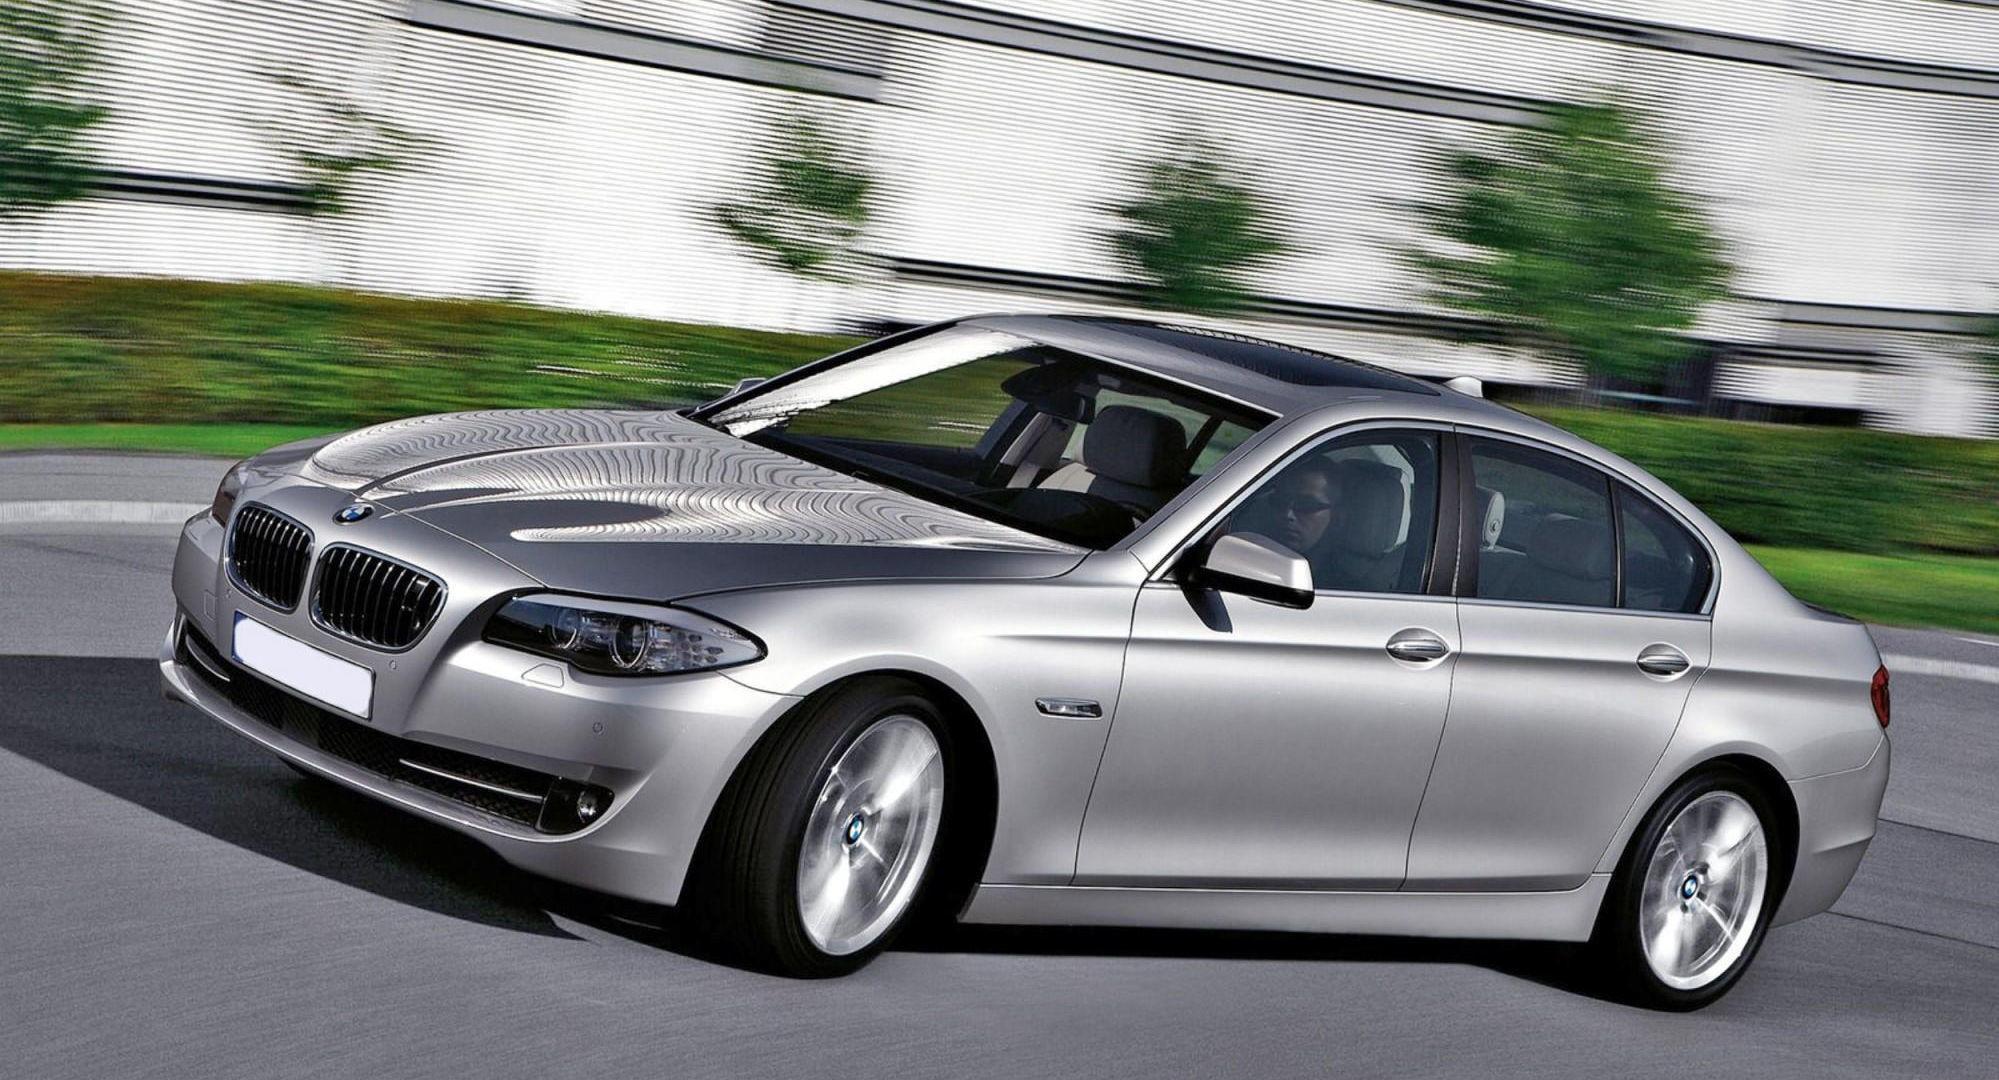 Forrige generasjon av BMW 5-serie har vært en stor suksess, blant annet fordi den kom i så mange ulike varianter. En av de som byr på ekstreme ytelser er 550i. Den kunne bestilles uten M-styling og med sine 408 hk er det en skikkelig «sleeper».